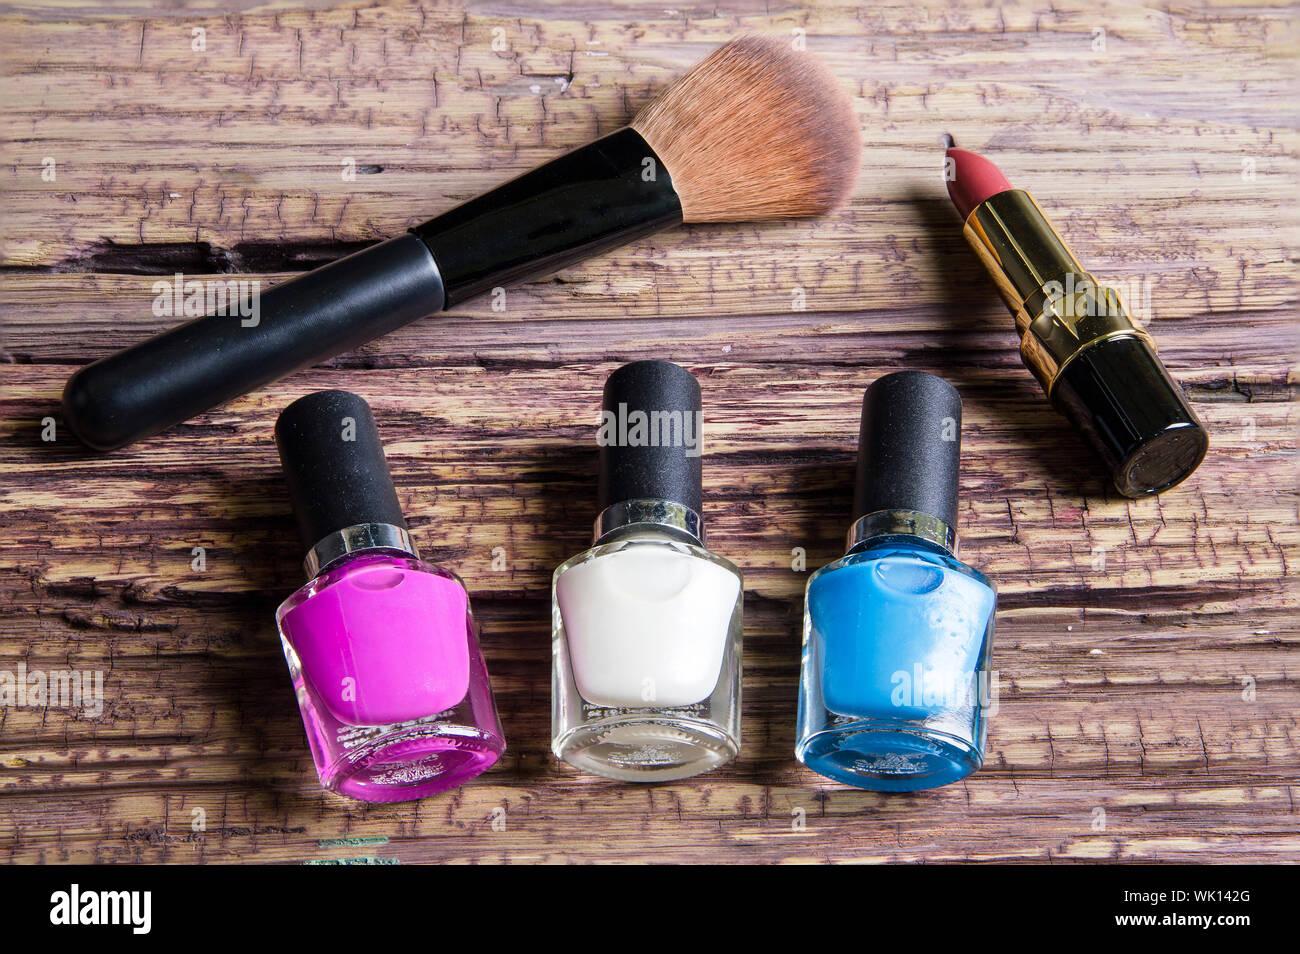 Hohe Betrachtungswinkel von Nagellack Flaschen mit Lippenstift und Make-up-Pinsel auf hölzernen Tisch Stockfoto